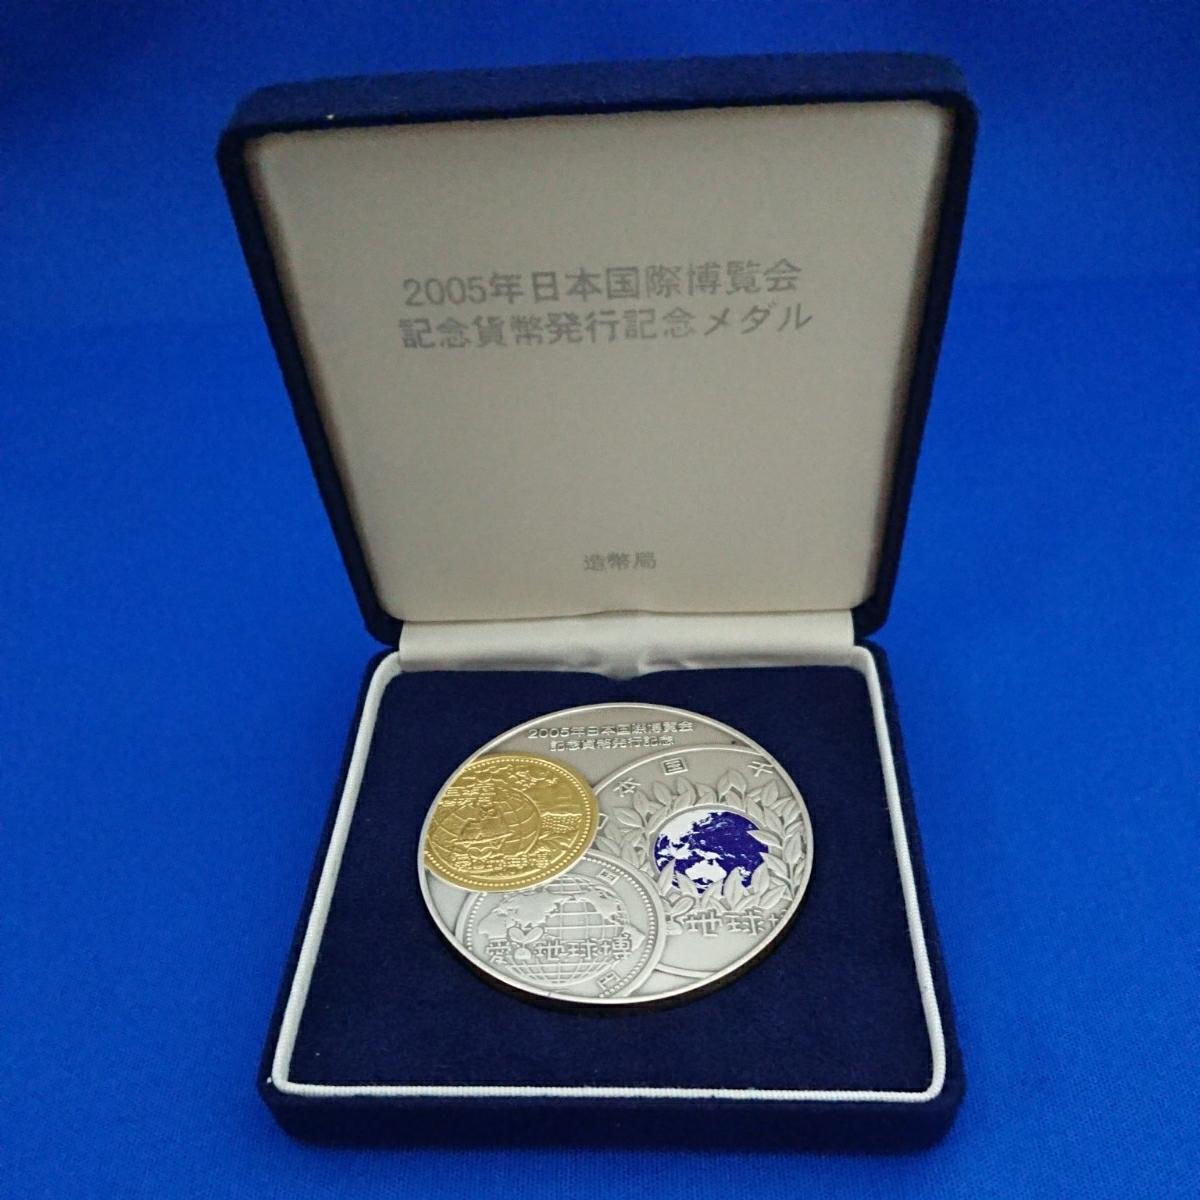 ♪♪♪2005年 愛・地球博  日本国際博覧会 記念貨幣発行記念メダル 千円銀貨幣プルーフ貨幣セット 2つまとめて 純銀 造幣局 ♪♪♪_画像7